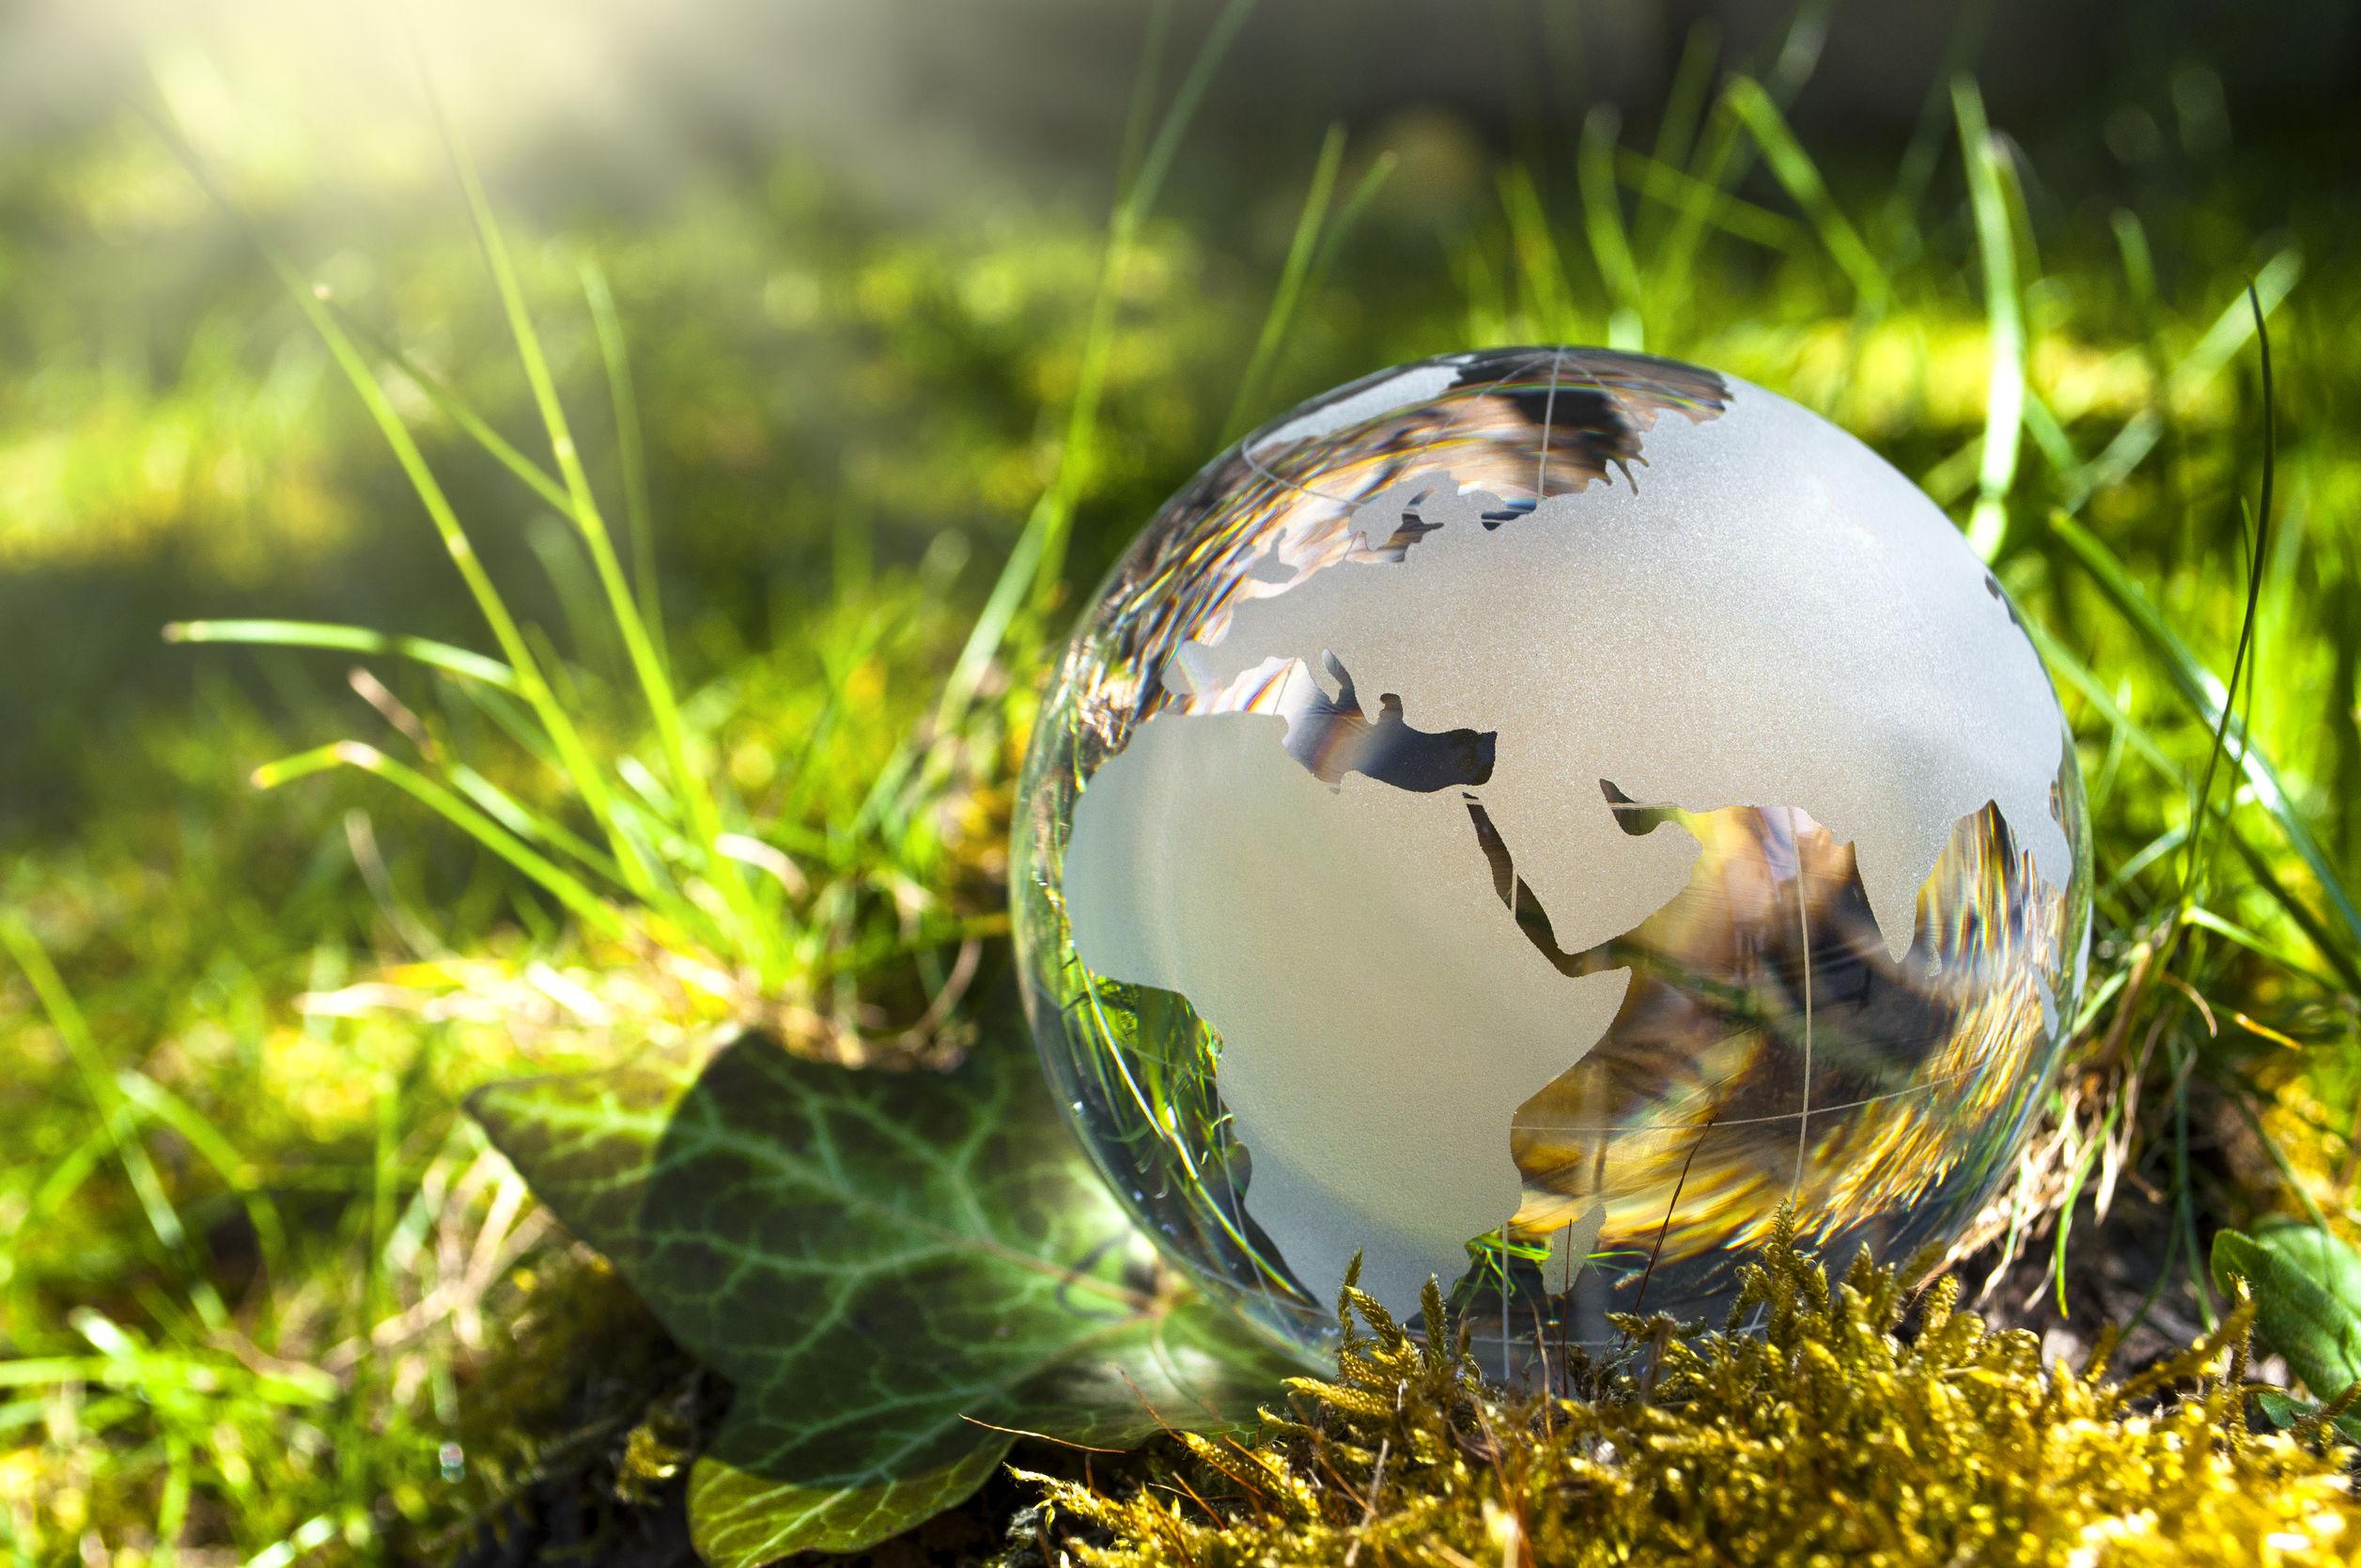 terre_en_verre_sur_l'herbe